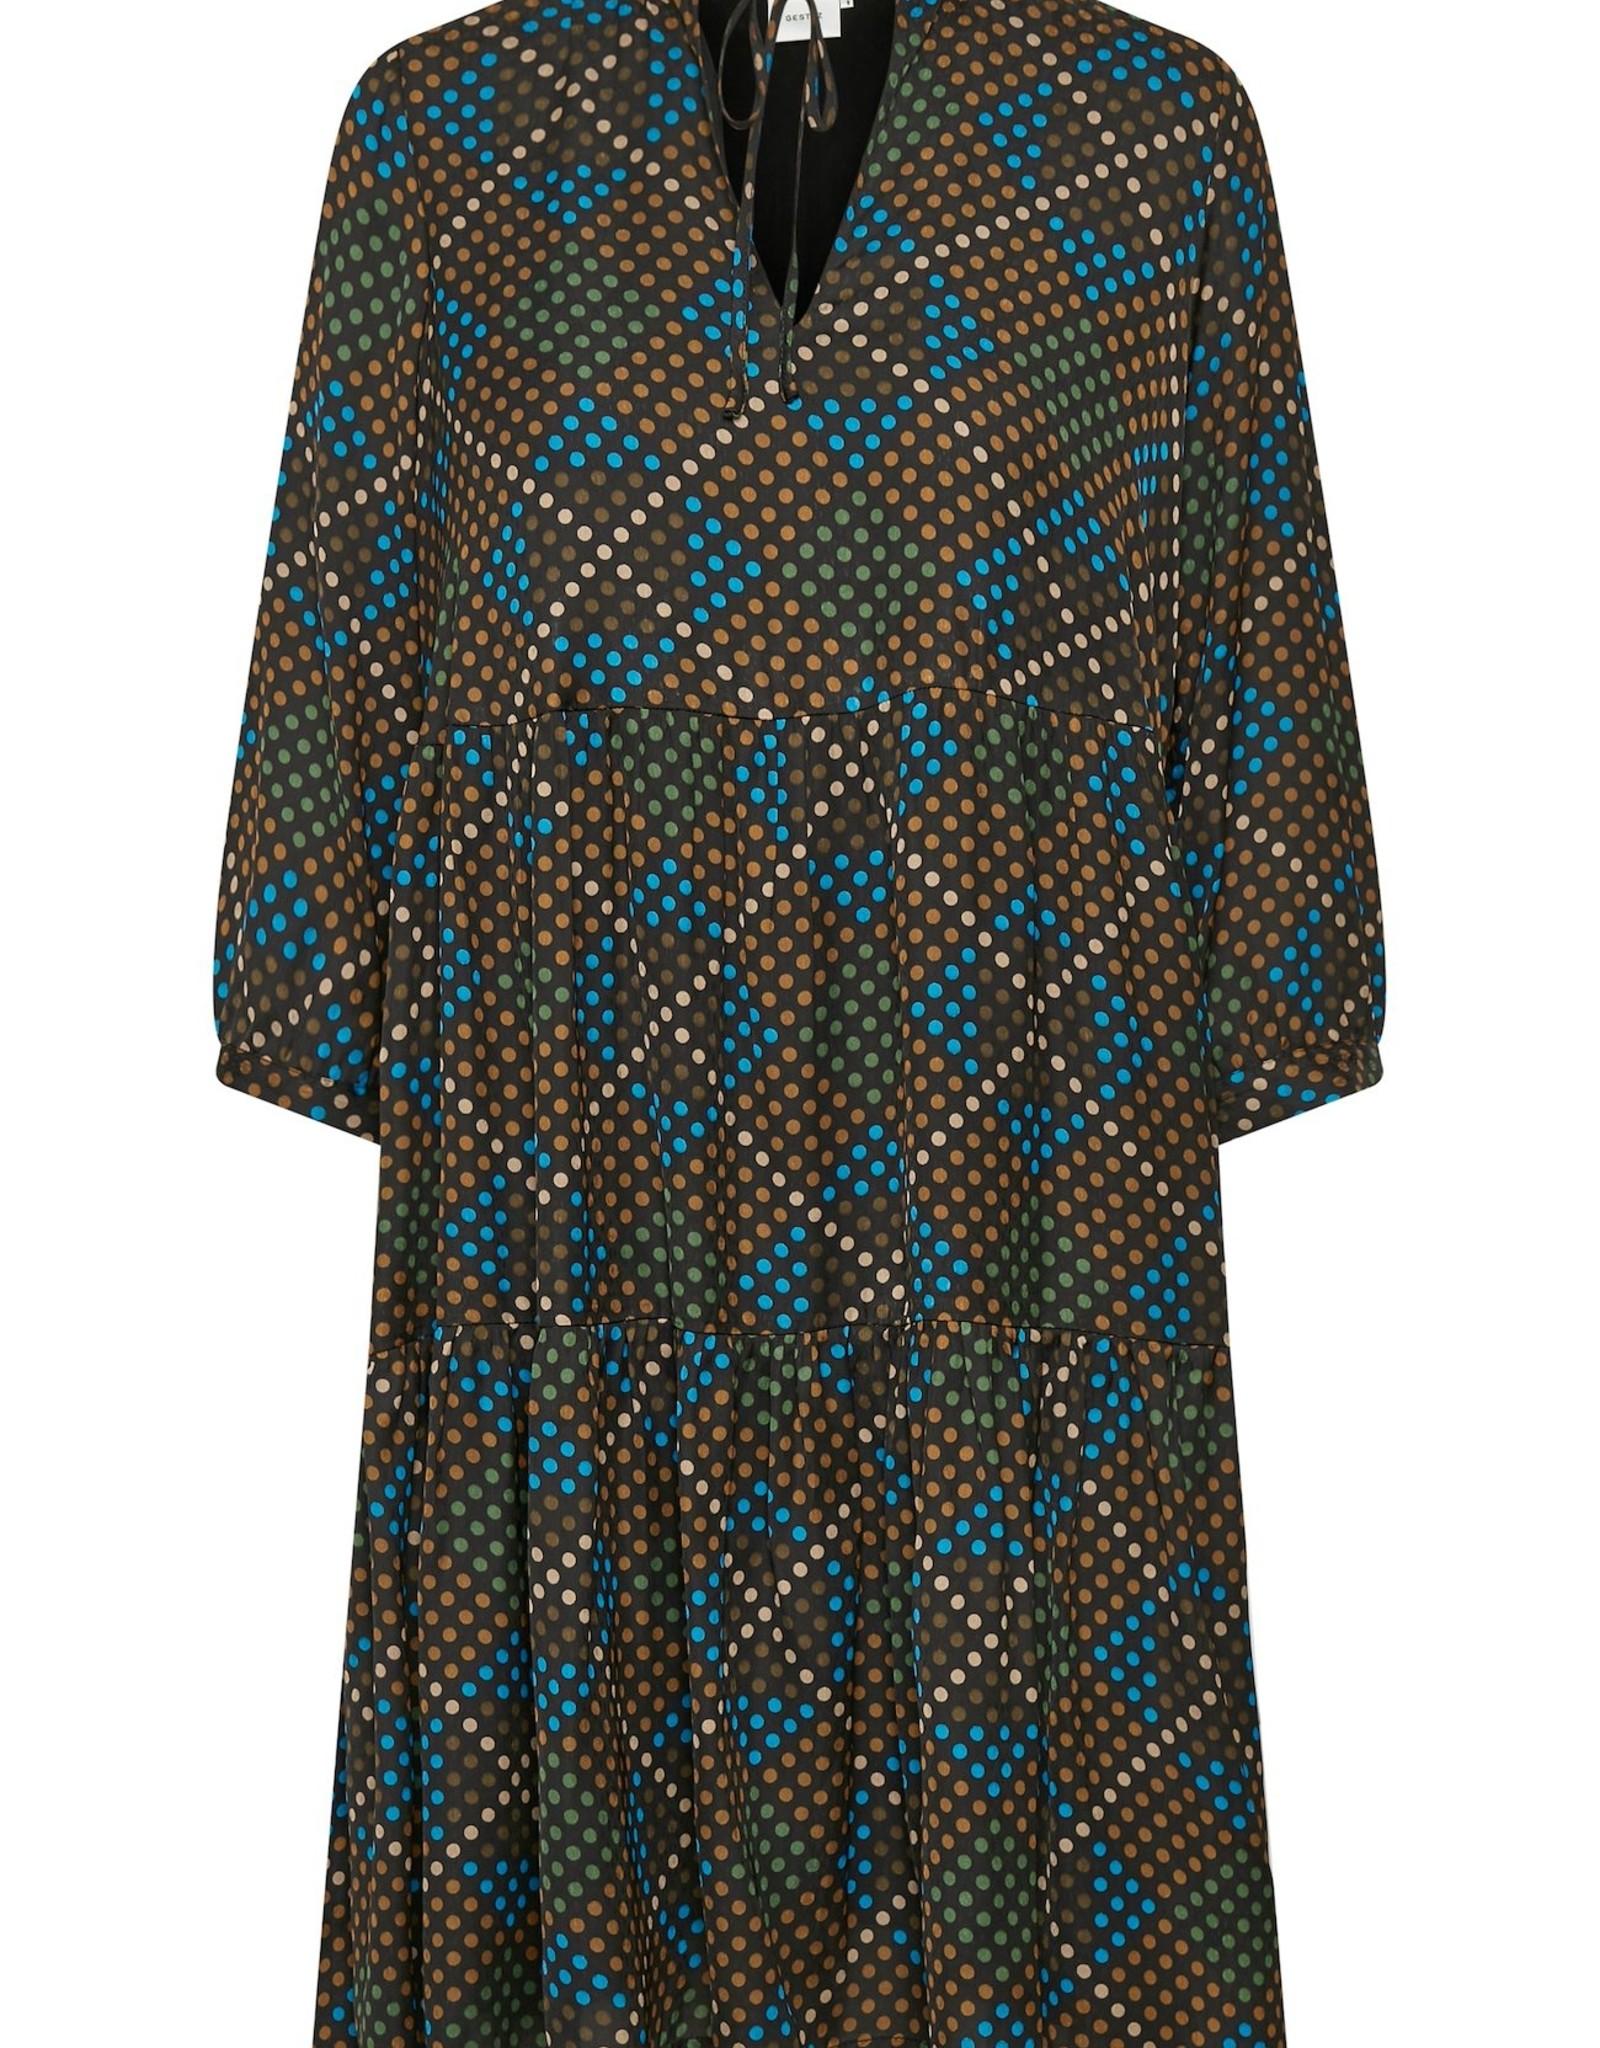 Gestuz Lolia Short Dress Brown Dot